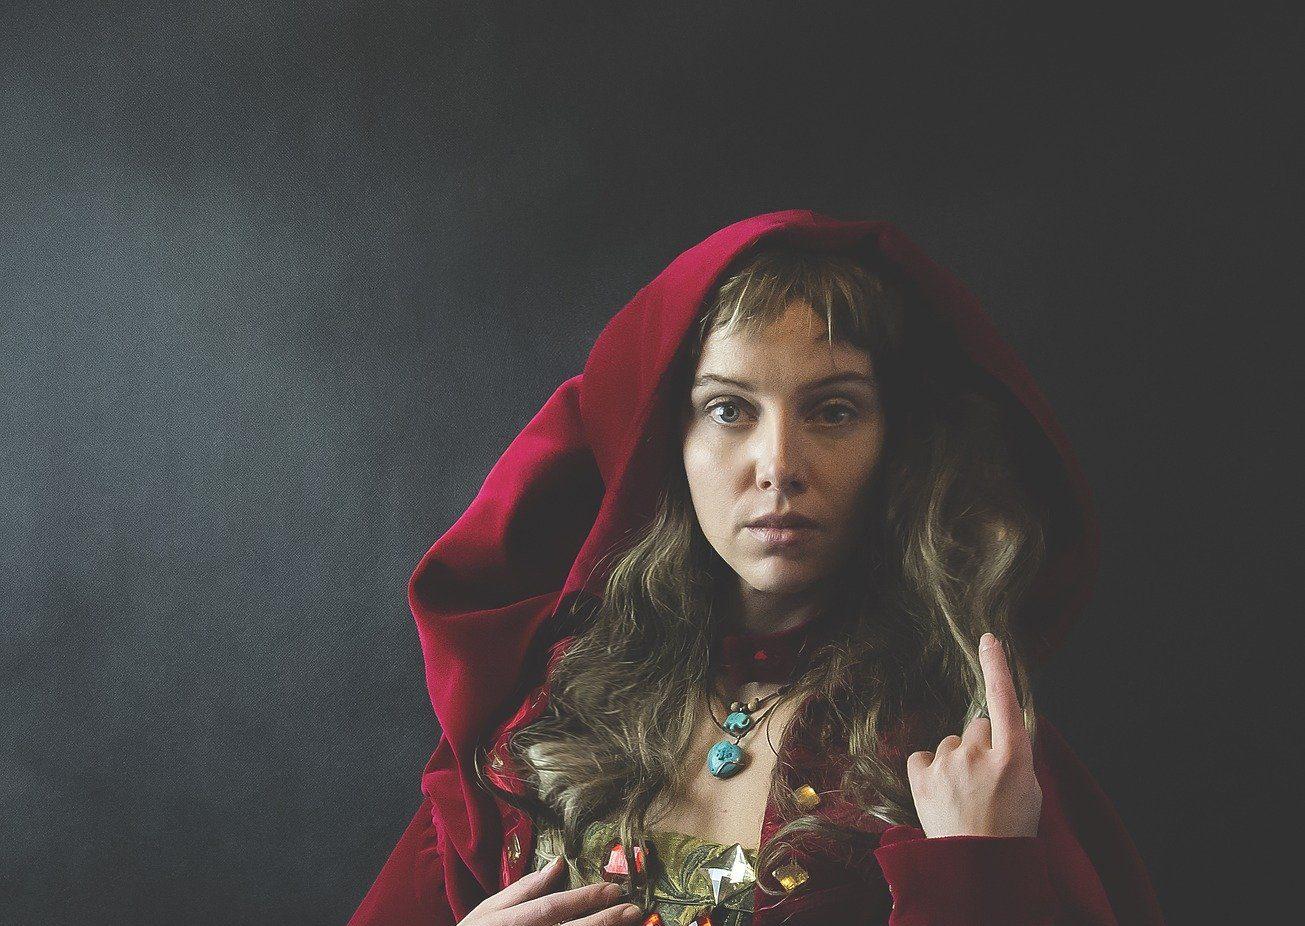 Thadea: principessa mai riconosciuta. Questa è la vera storia della figlia segreta di Carlo V d'Asburgo.